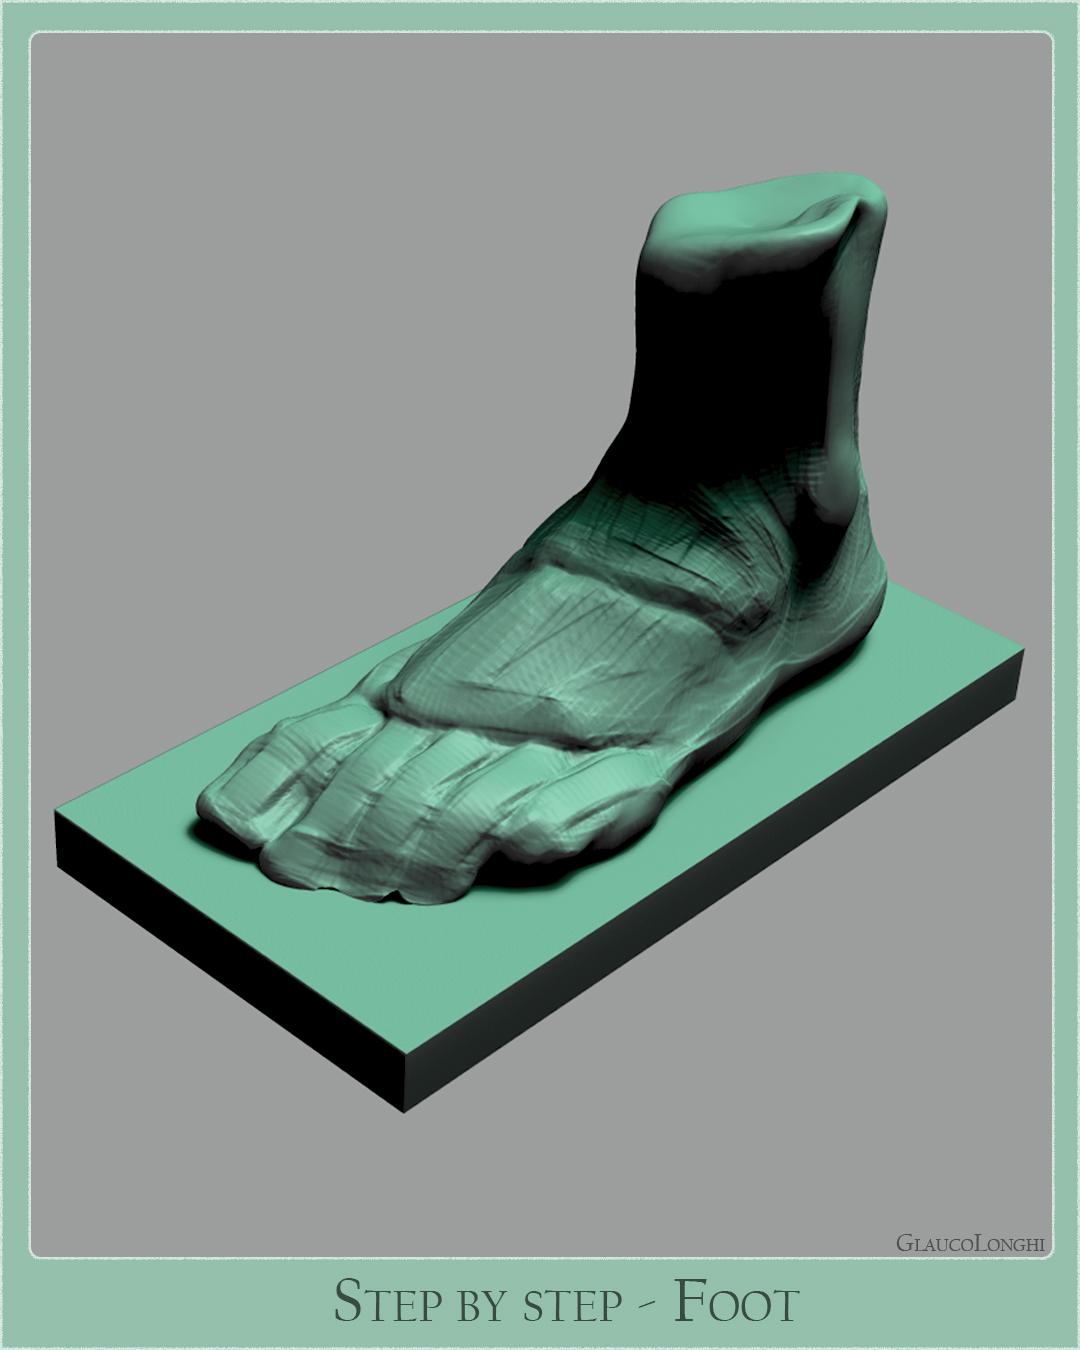 sbs_foot_002.jpg